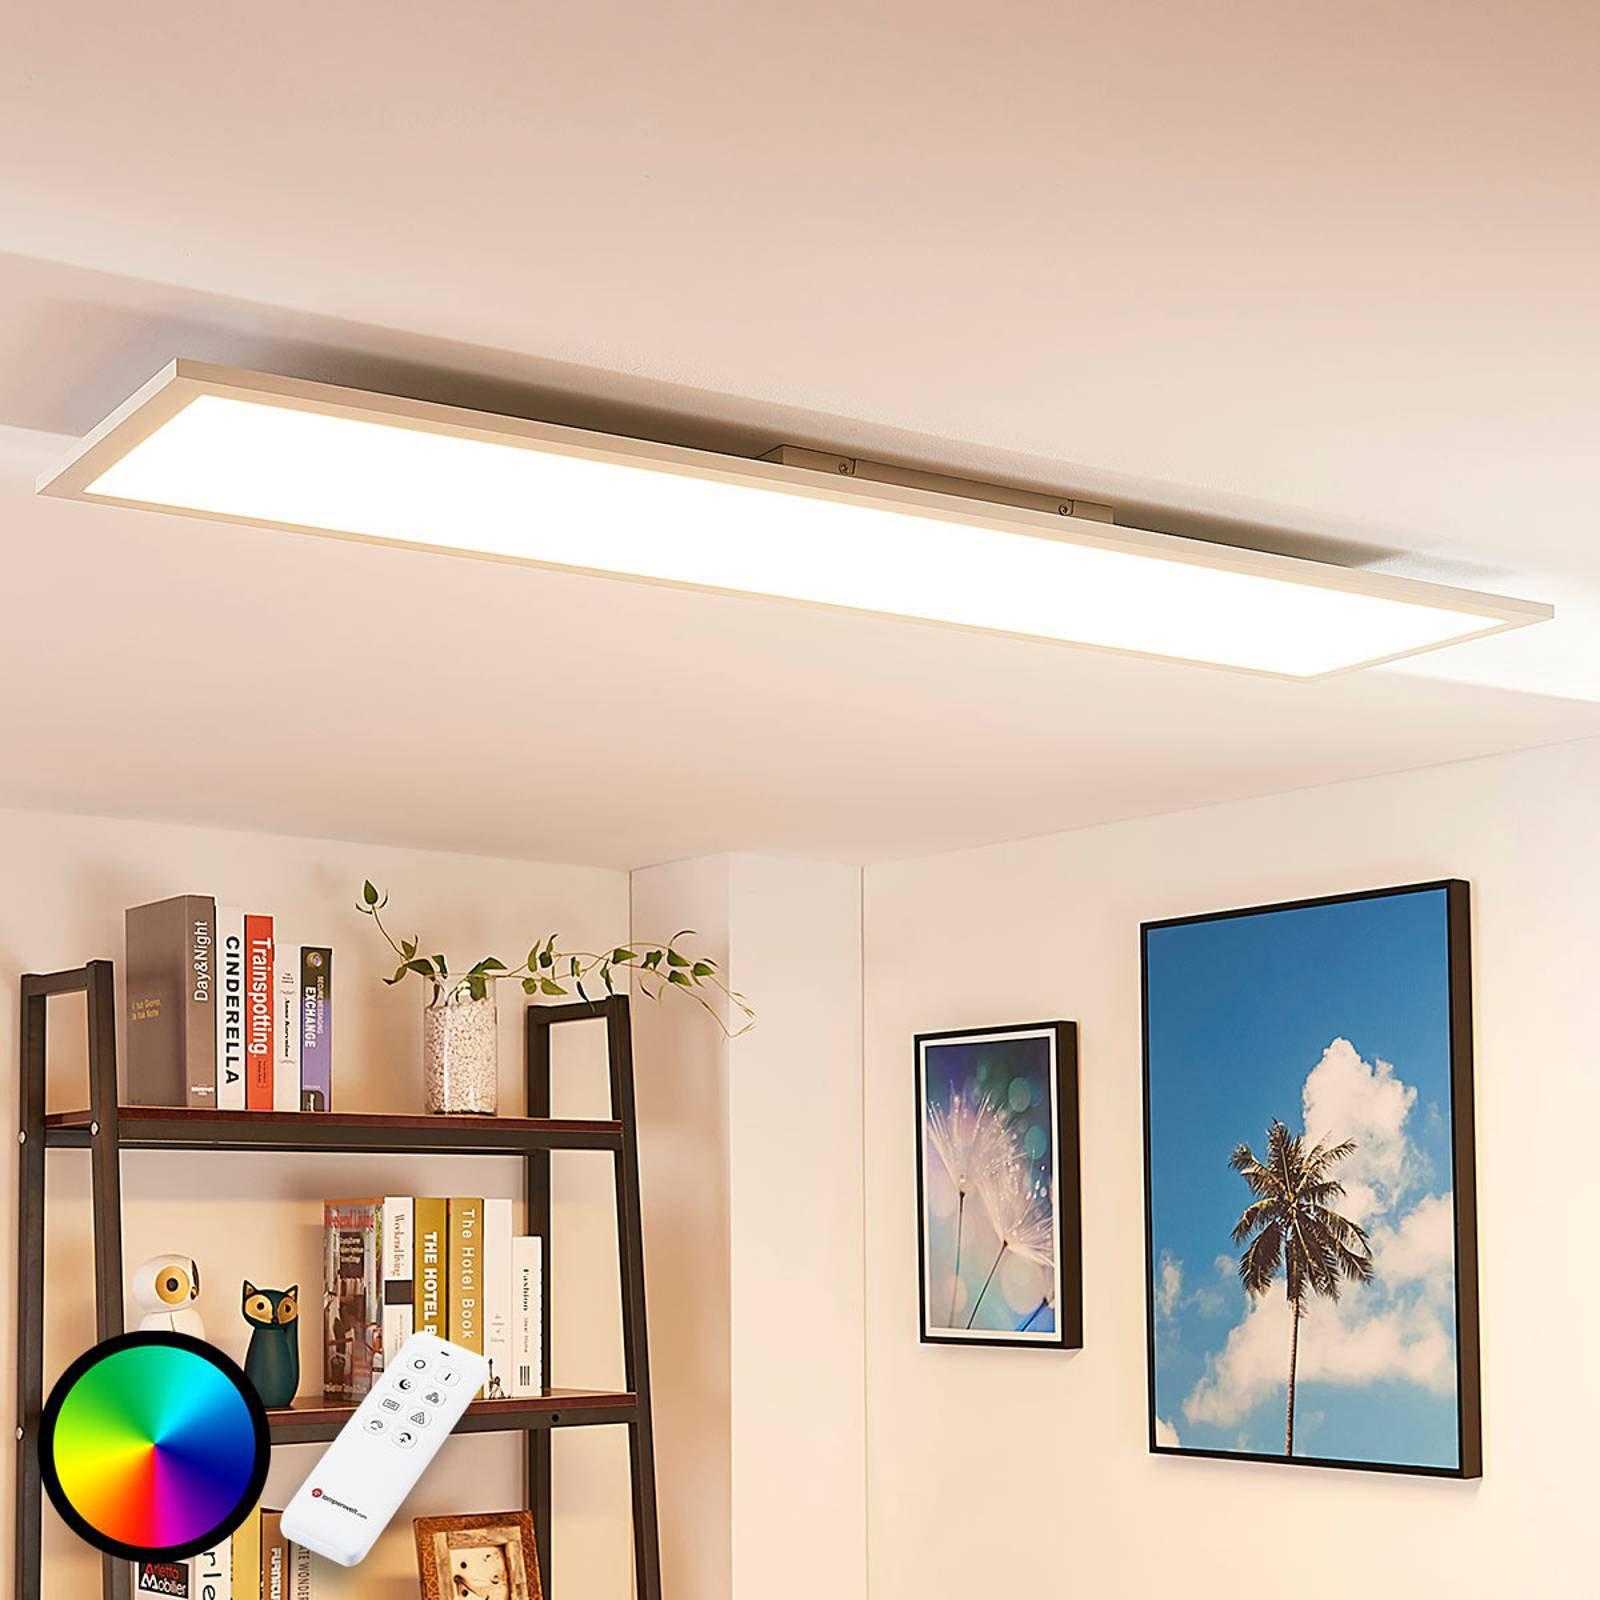 Avlang LED-taklampe Tinus, RGB og varmhvit